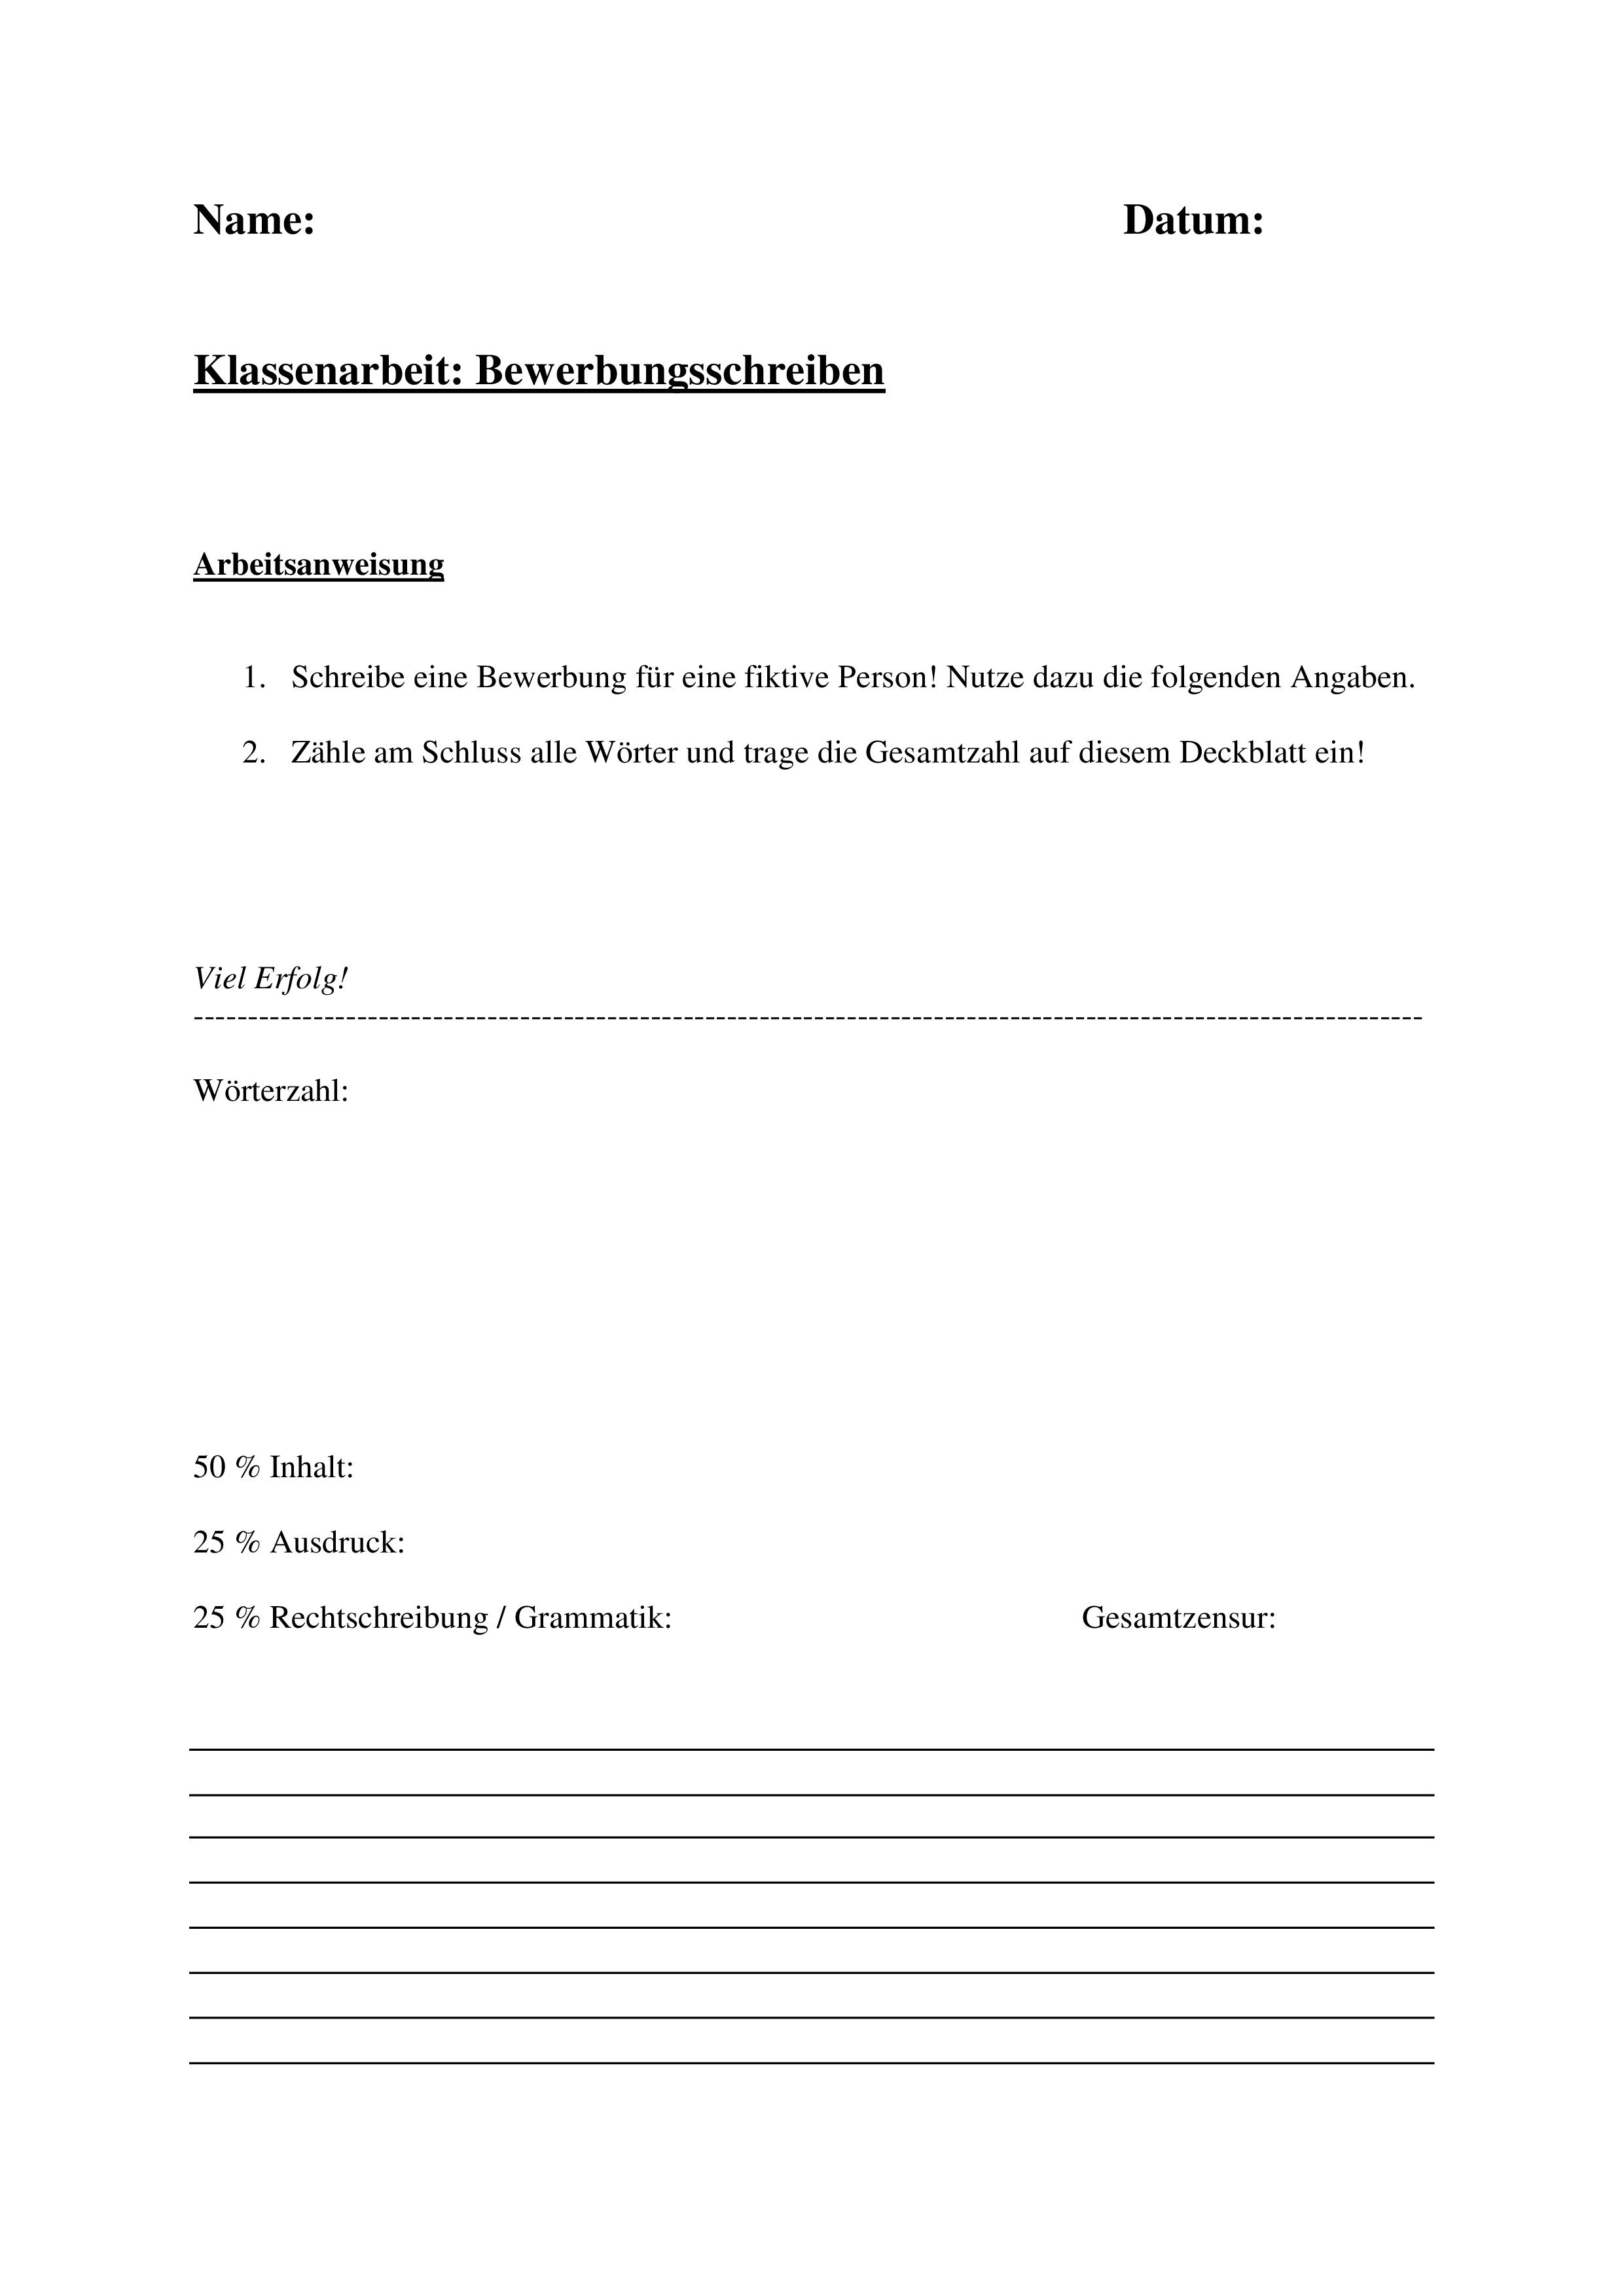 Klassenarbeit Bewerbung Einer Fiktiven Person Anschreiben Unterrichtsmaterial In Den Fachern Arbeitslehre Deutsch Klassenarbeiten Anschreiben Bewerbung Anschreiben